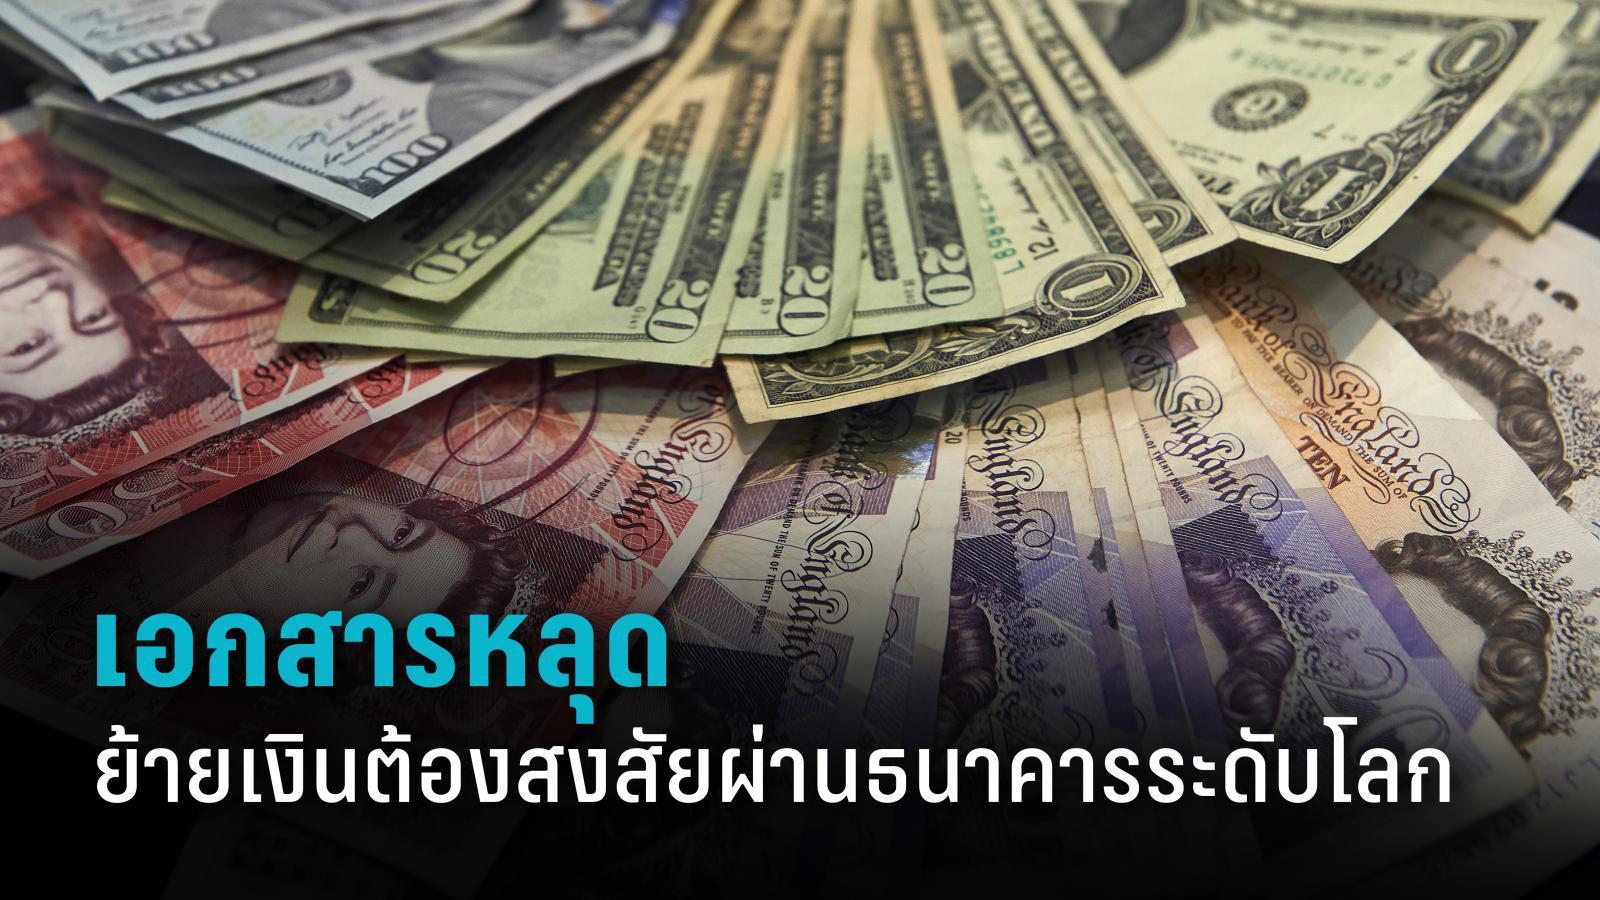 เอกสารหลุด ! ธุรกรรมการเงินน่าสงสัย พบแบงก์ไทยมีเอี่ยว